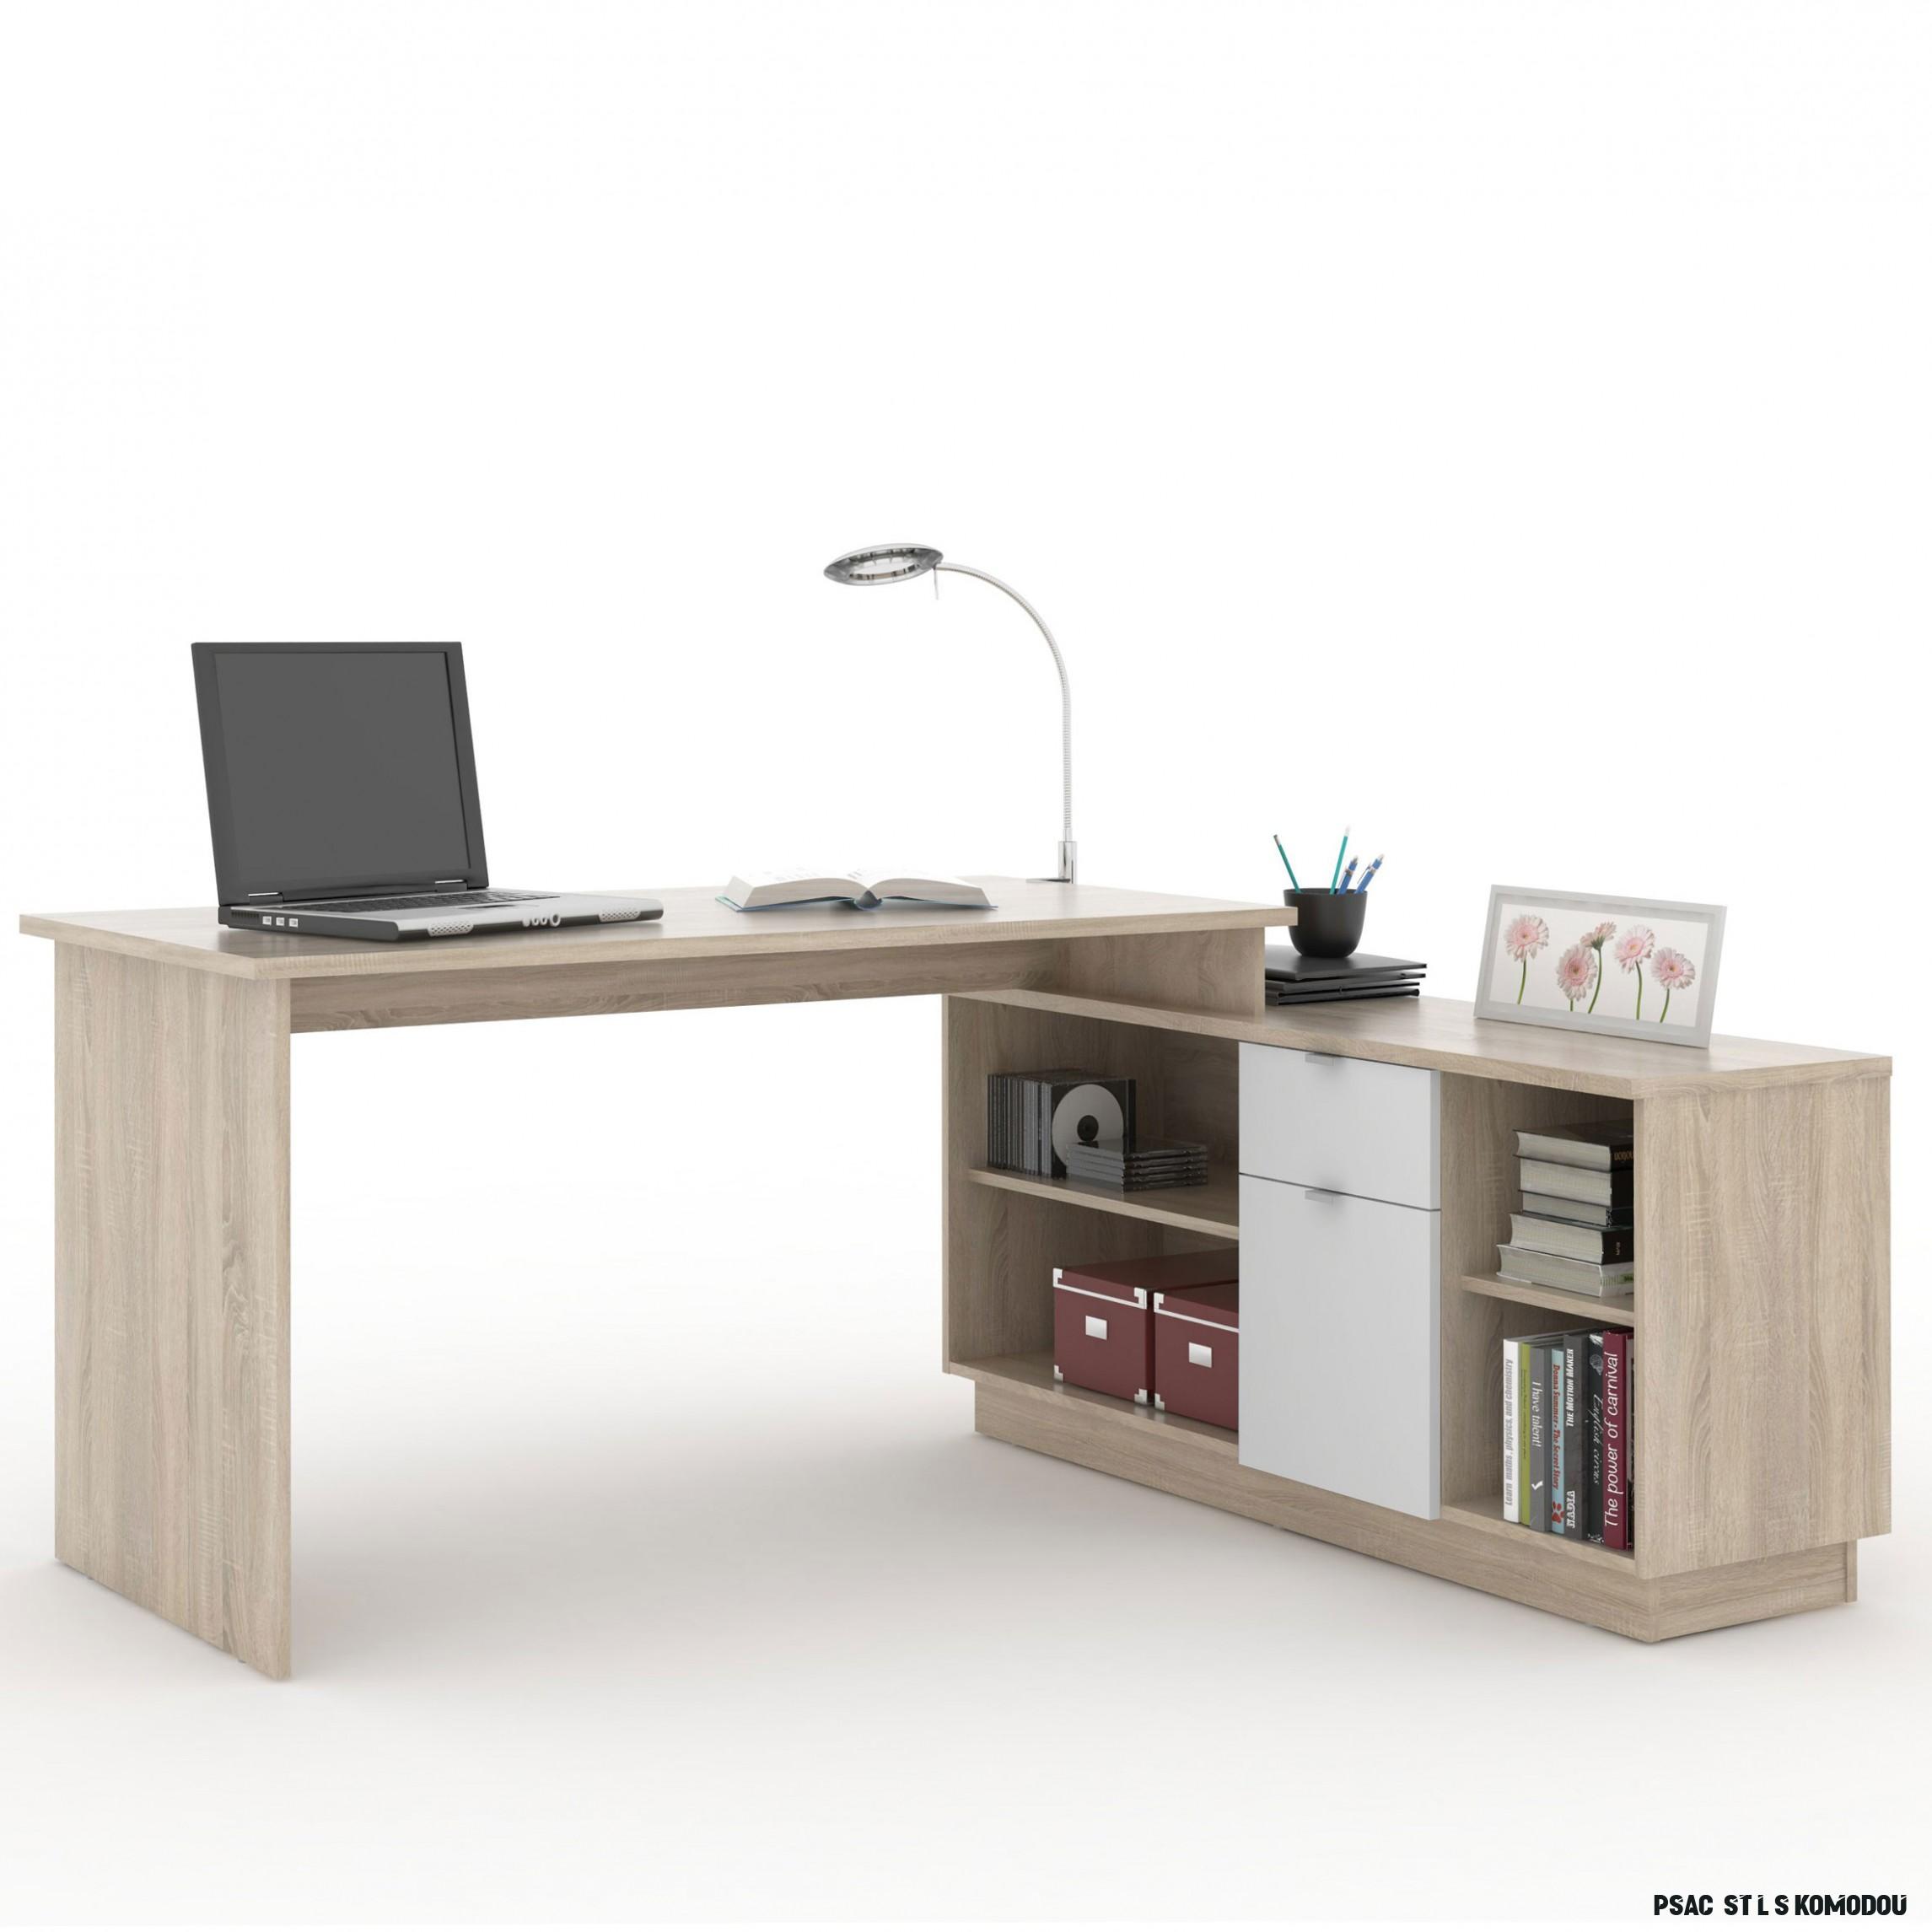 PC stůl VE 9 - PC stůl VE 9 - dub sonoma/bílá - CZ Nábytkář